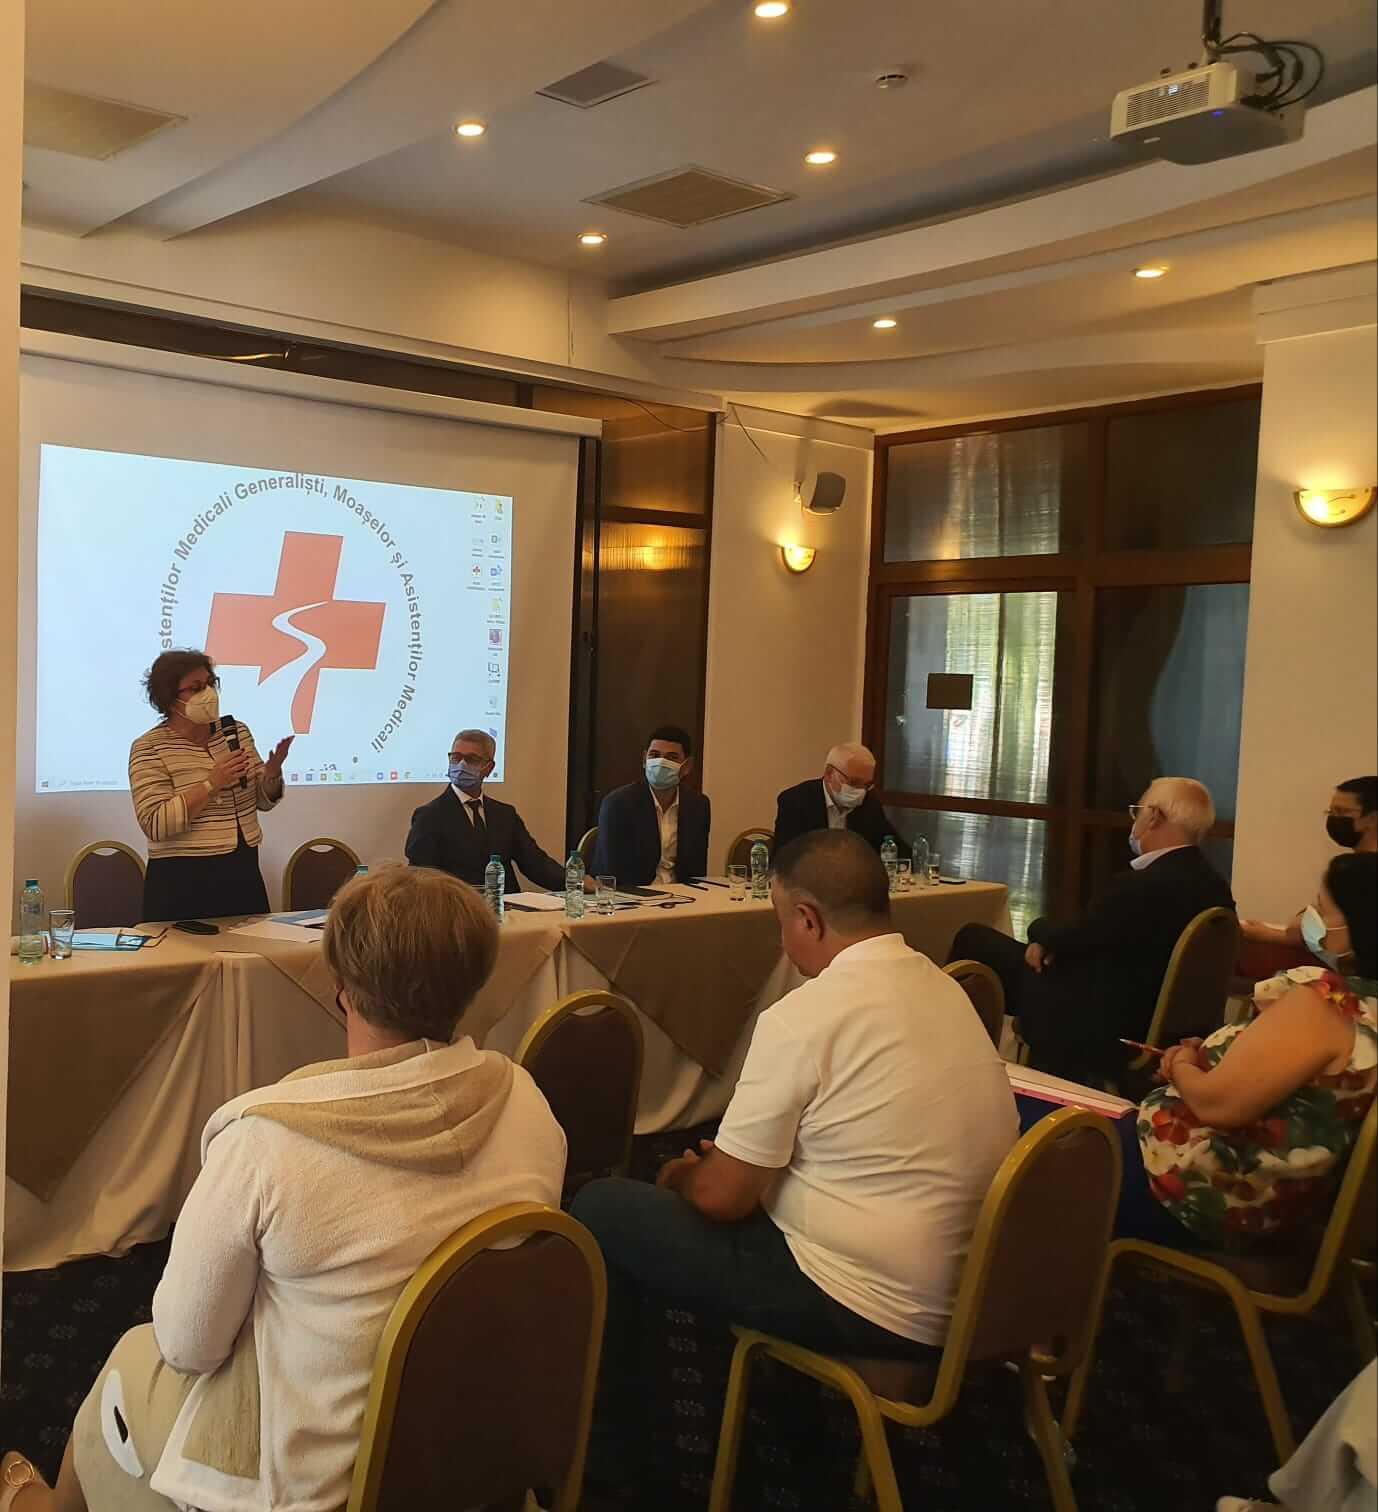 În perioada 09-12.06.2021 s-a desfășurat ședința Consiliului Național al OAMGMAMR